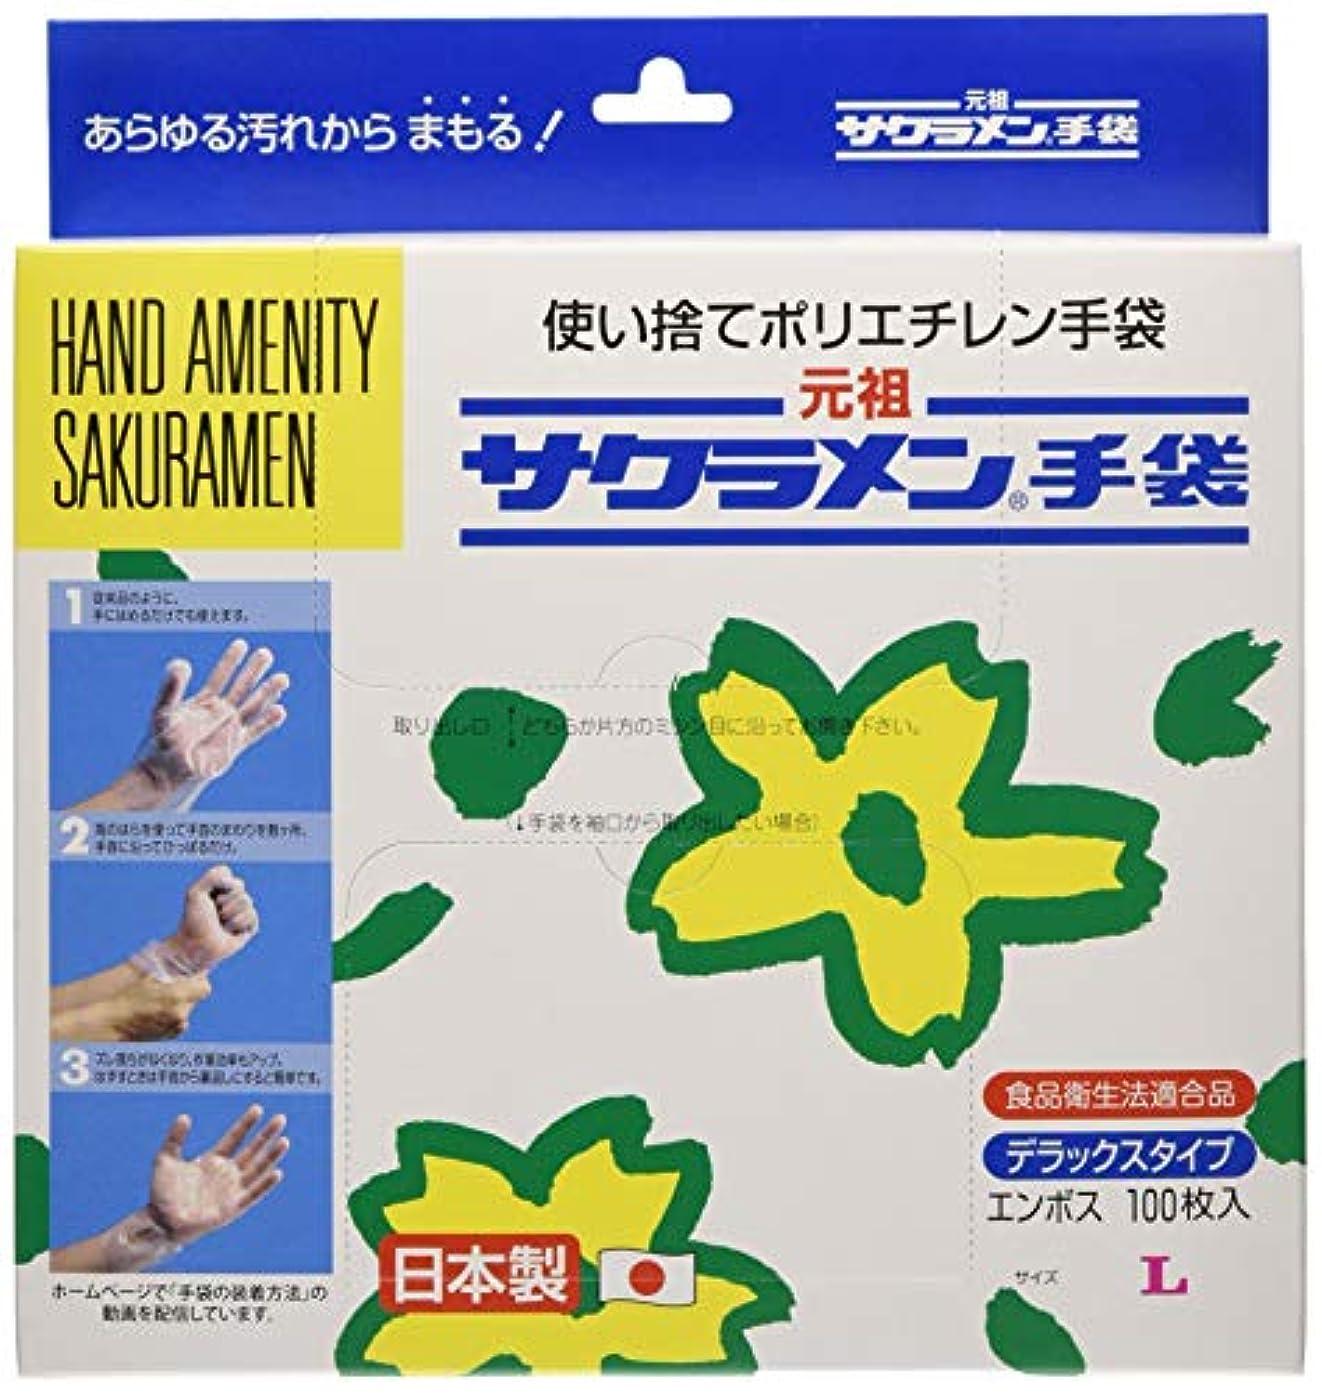 入口セラー正確にサクラメン手袋 デラックス(100枚入)L ピンク 35μ